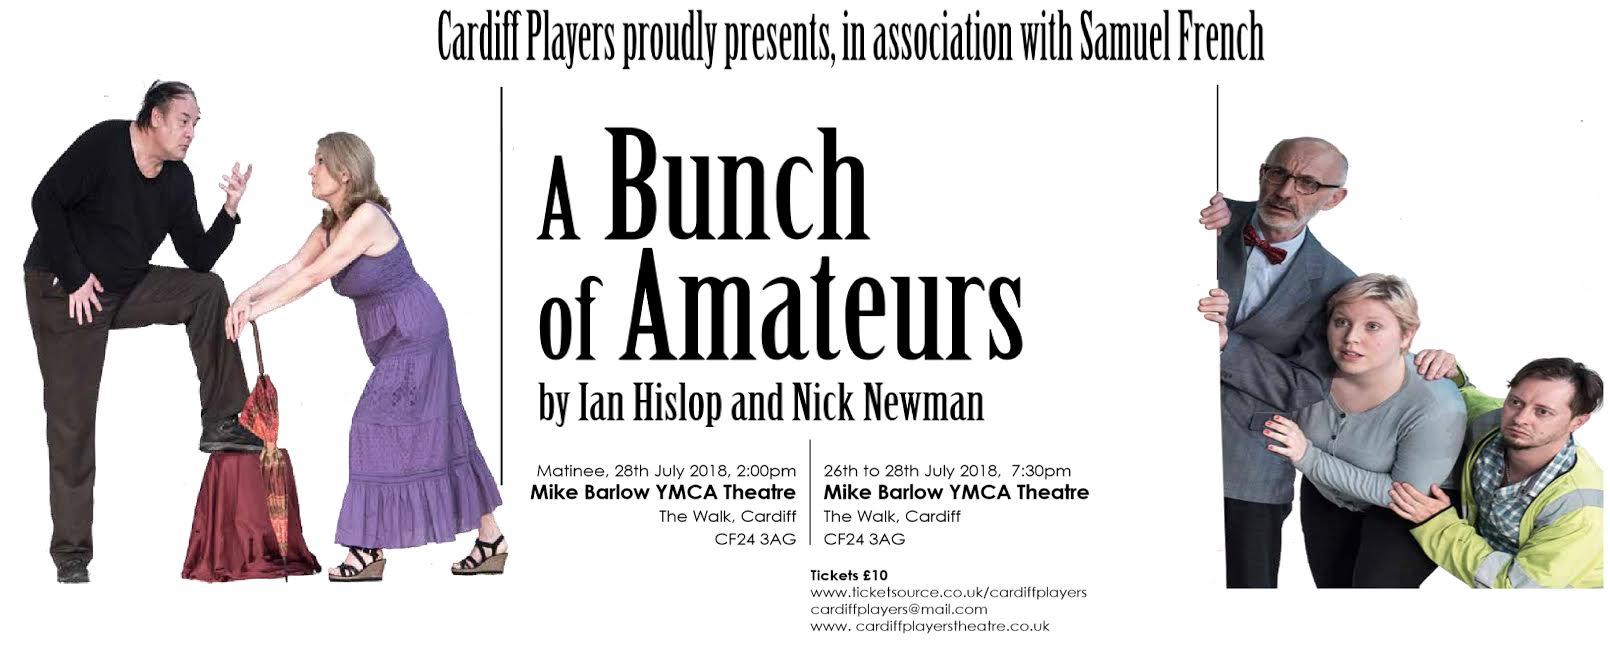 A Bunch of Amateurs